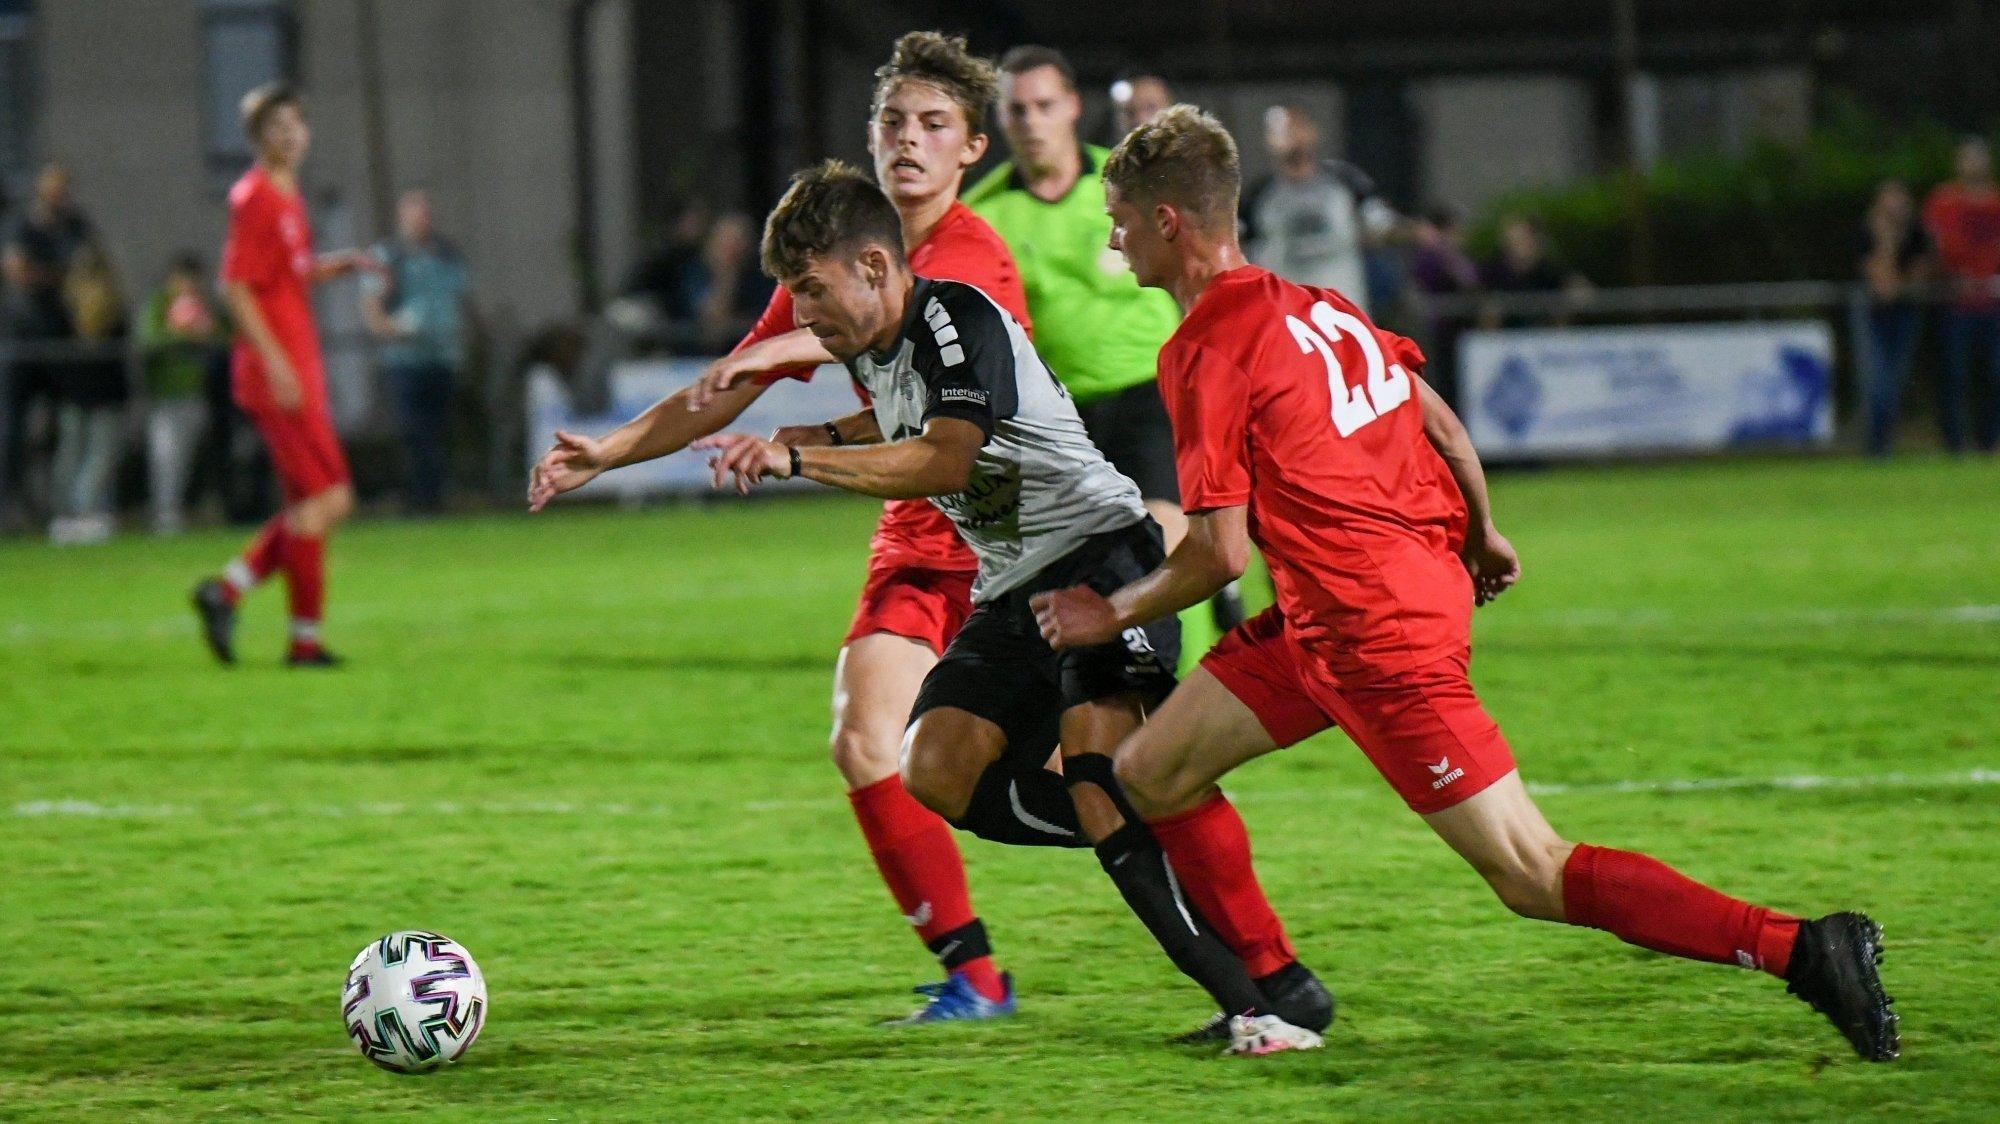 Football régional: les derbys sont-ils devenus des matches comme les autres?